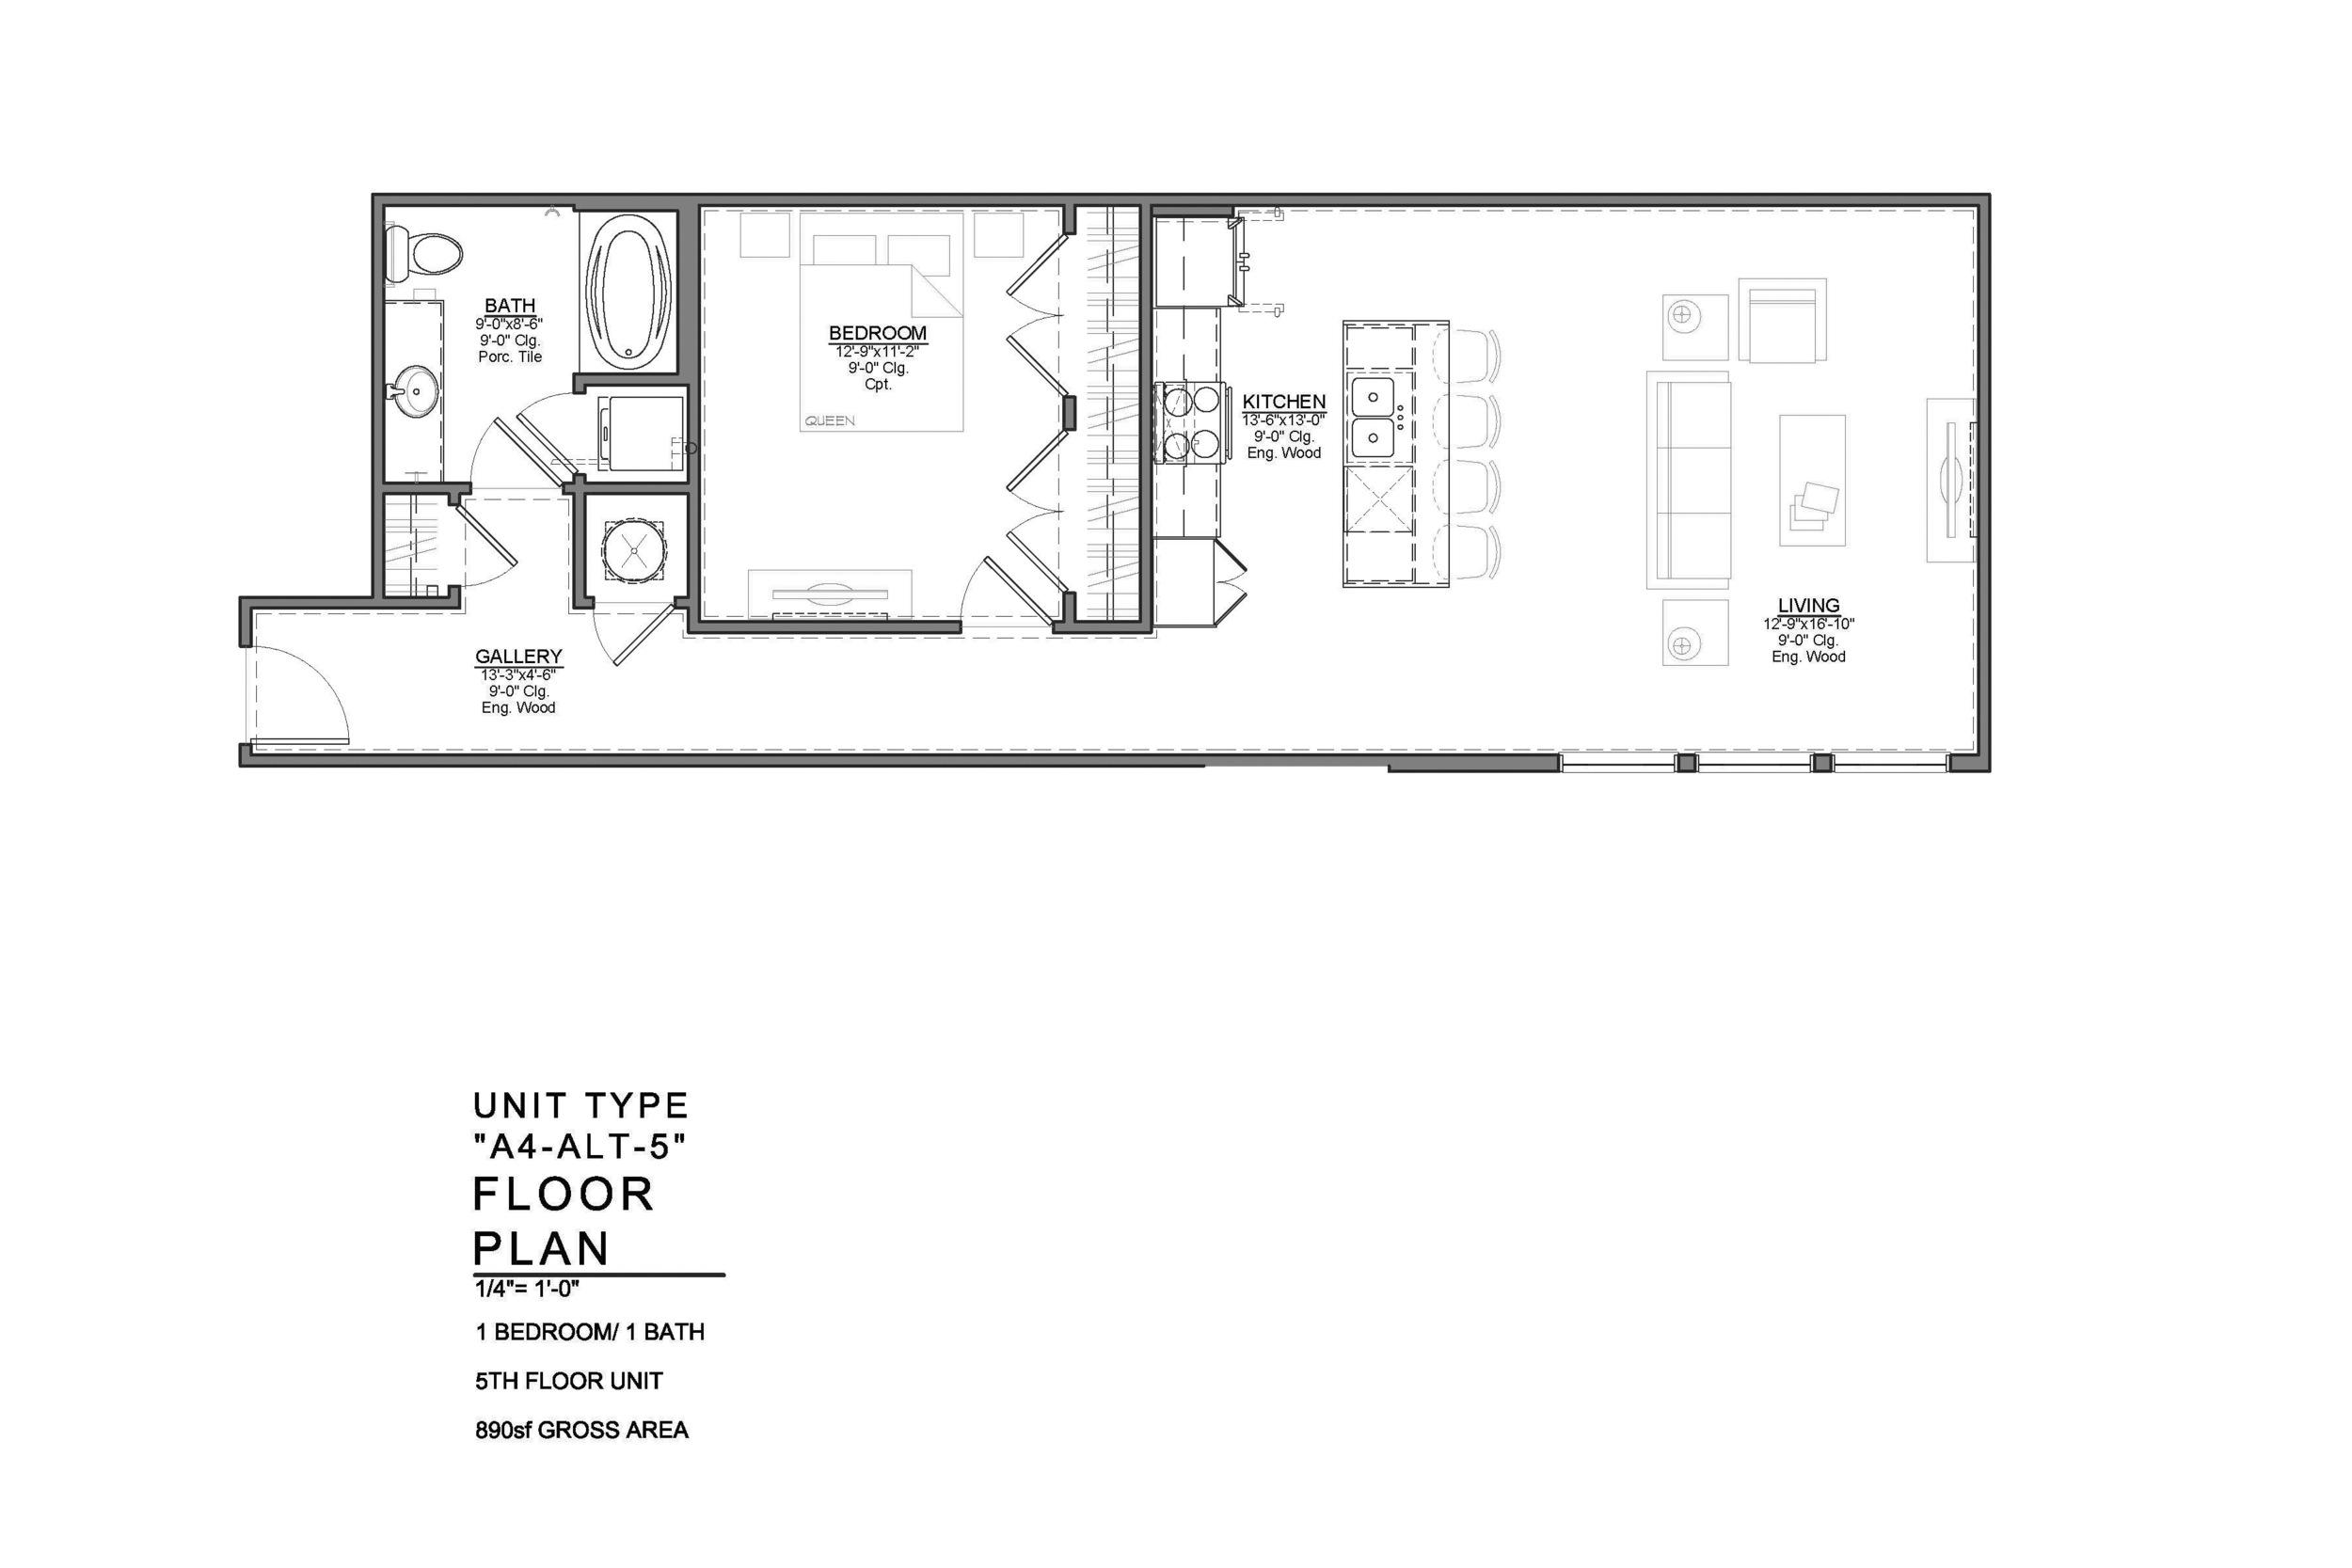 A4-ALT-5 FLOOR PLAN: 1 BEDROOM / 1 BATH